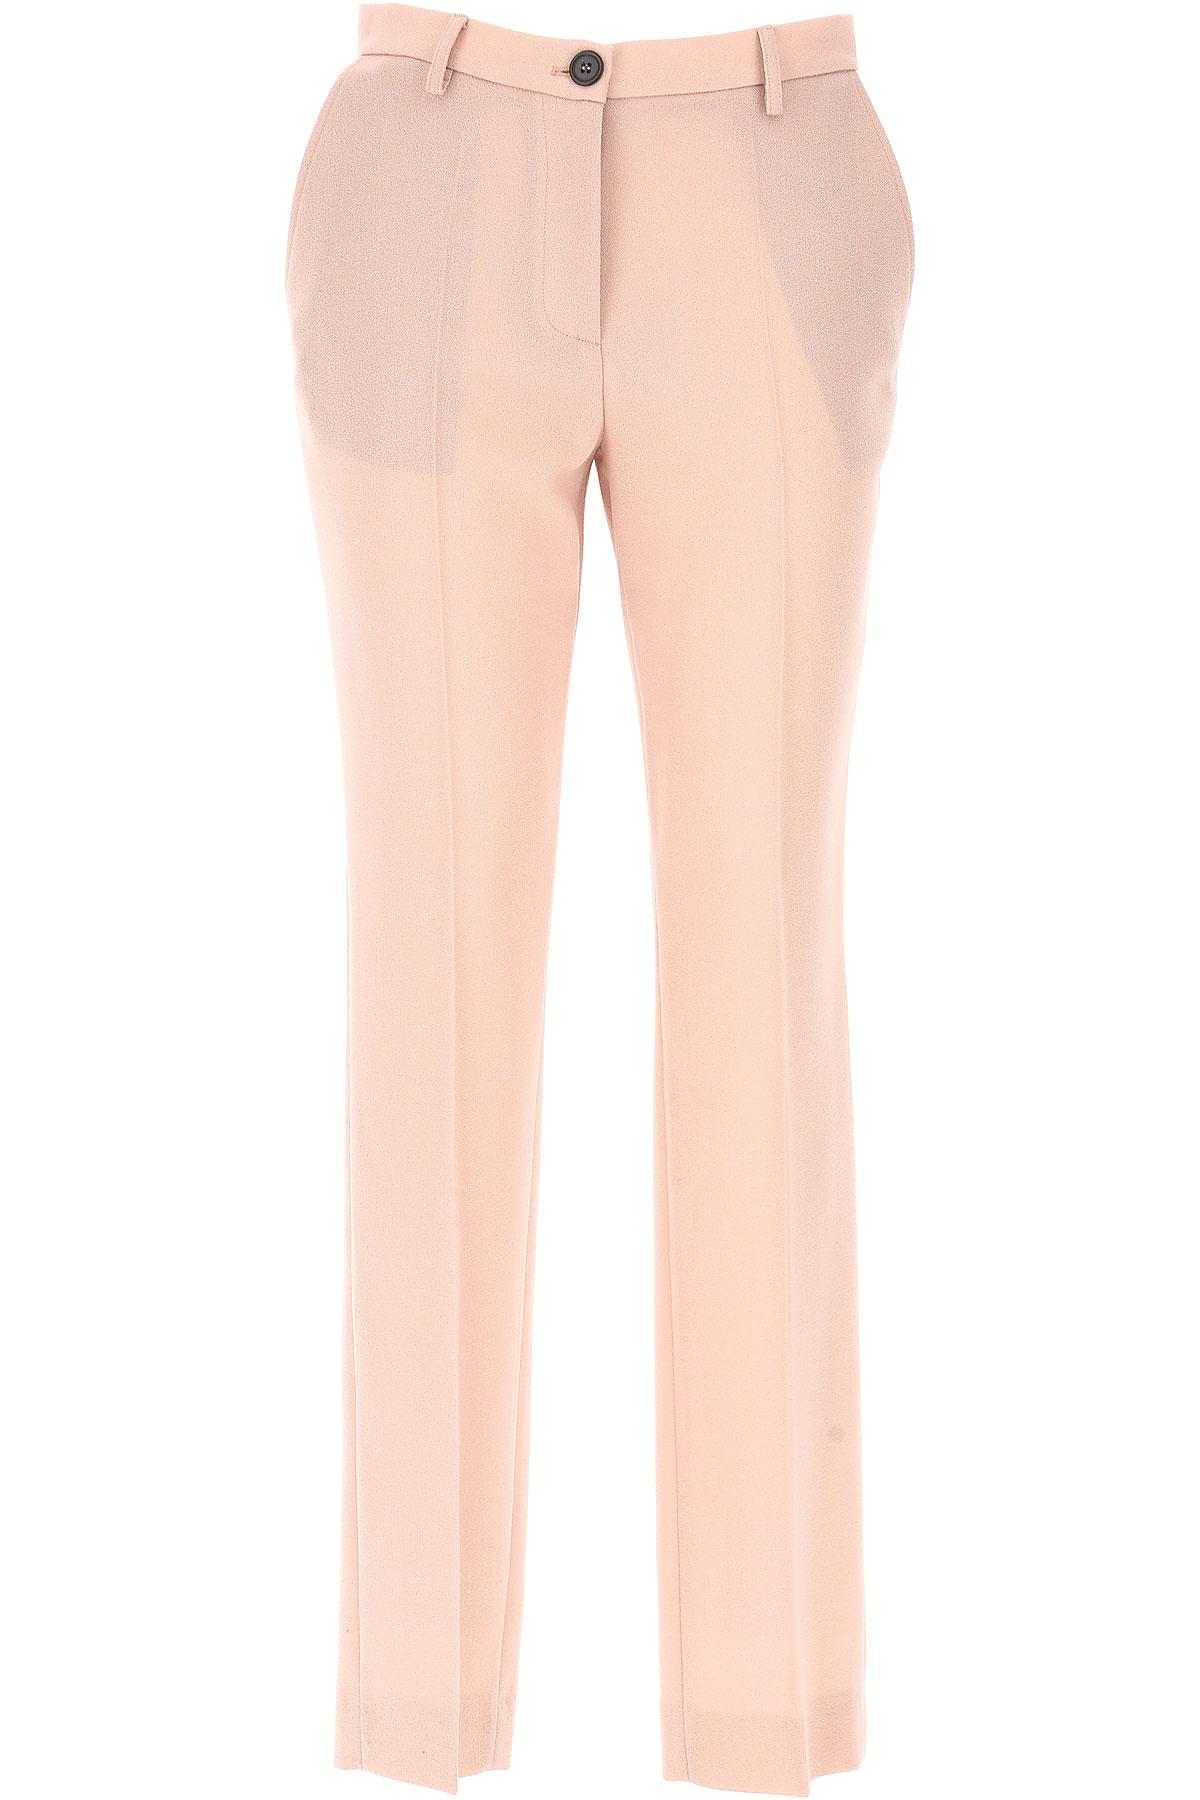 Piccione.Piccione Pantalon Femme Pas cher en Soldes, Rose Antique, Polyamide, 2017, 40 42 44